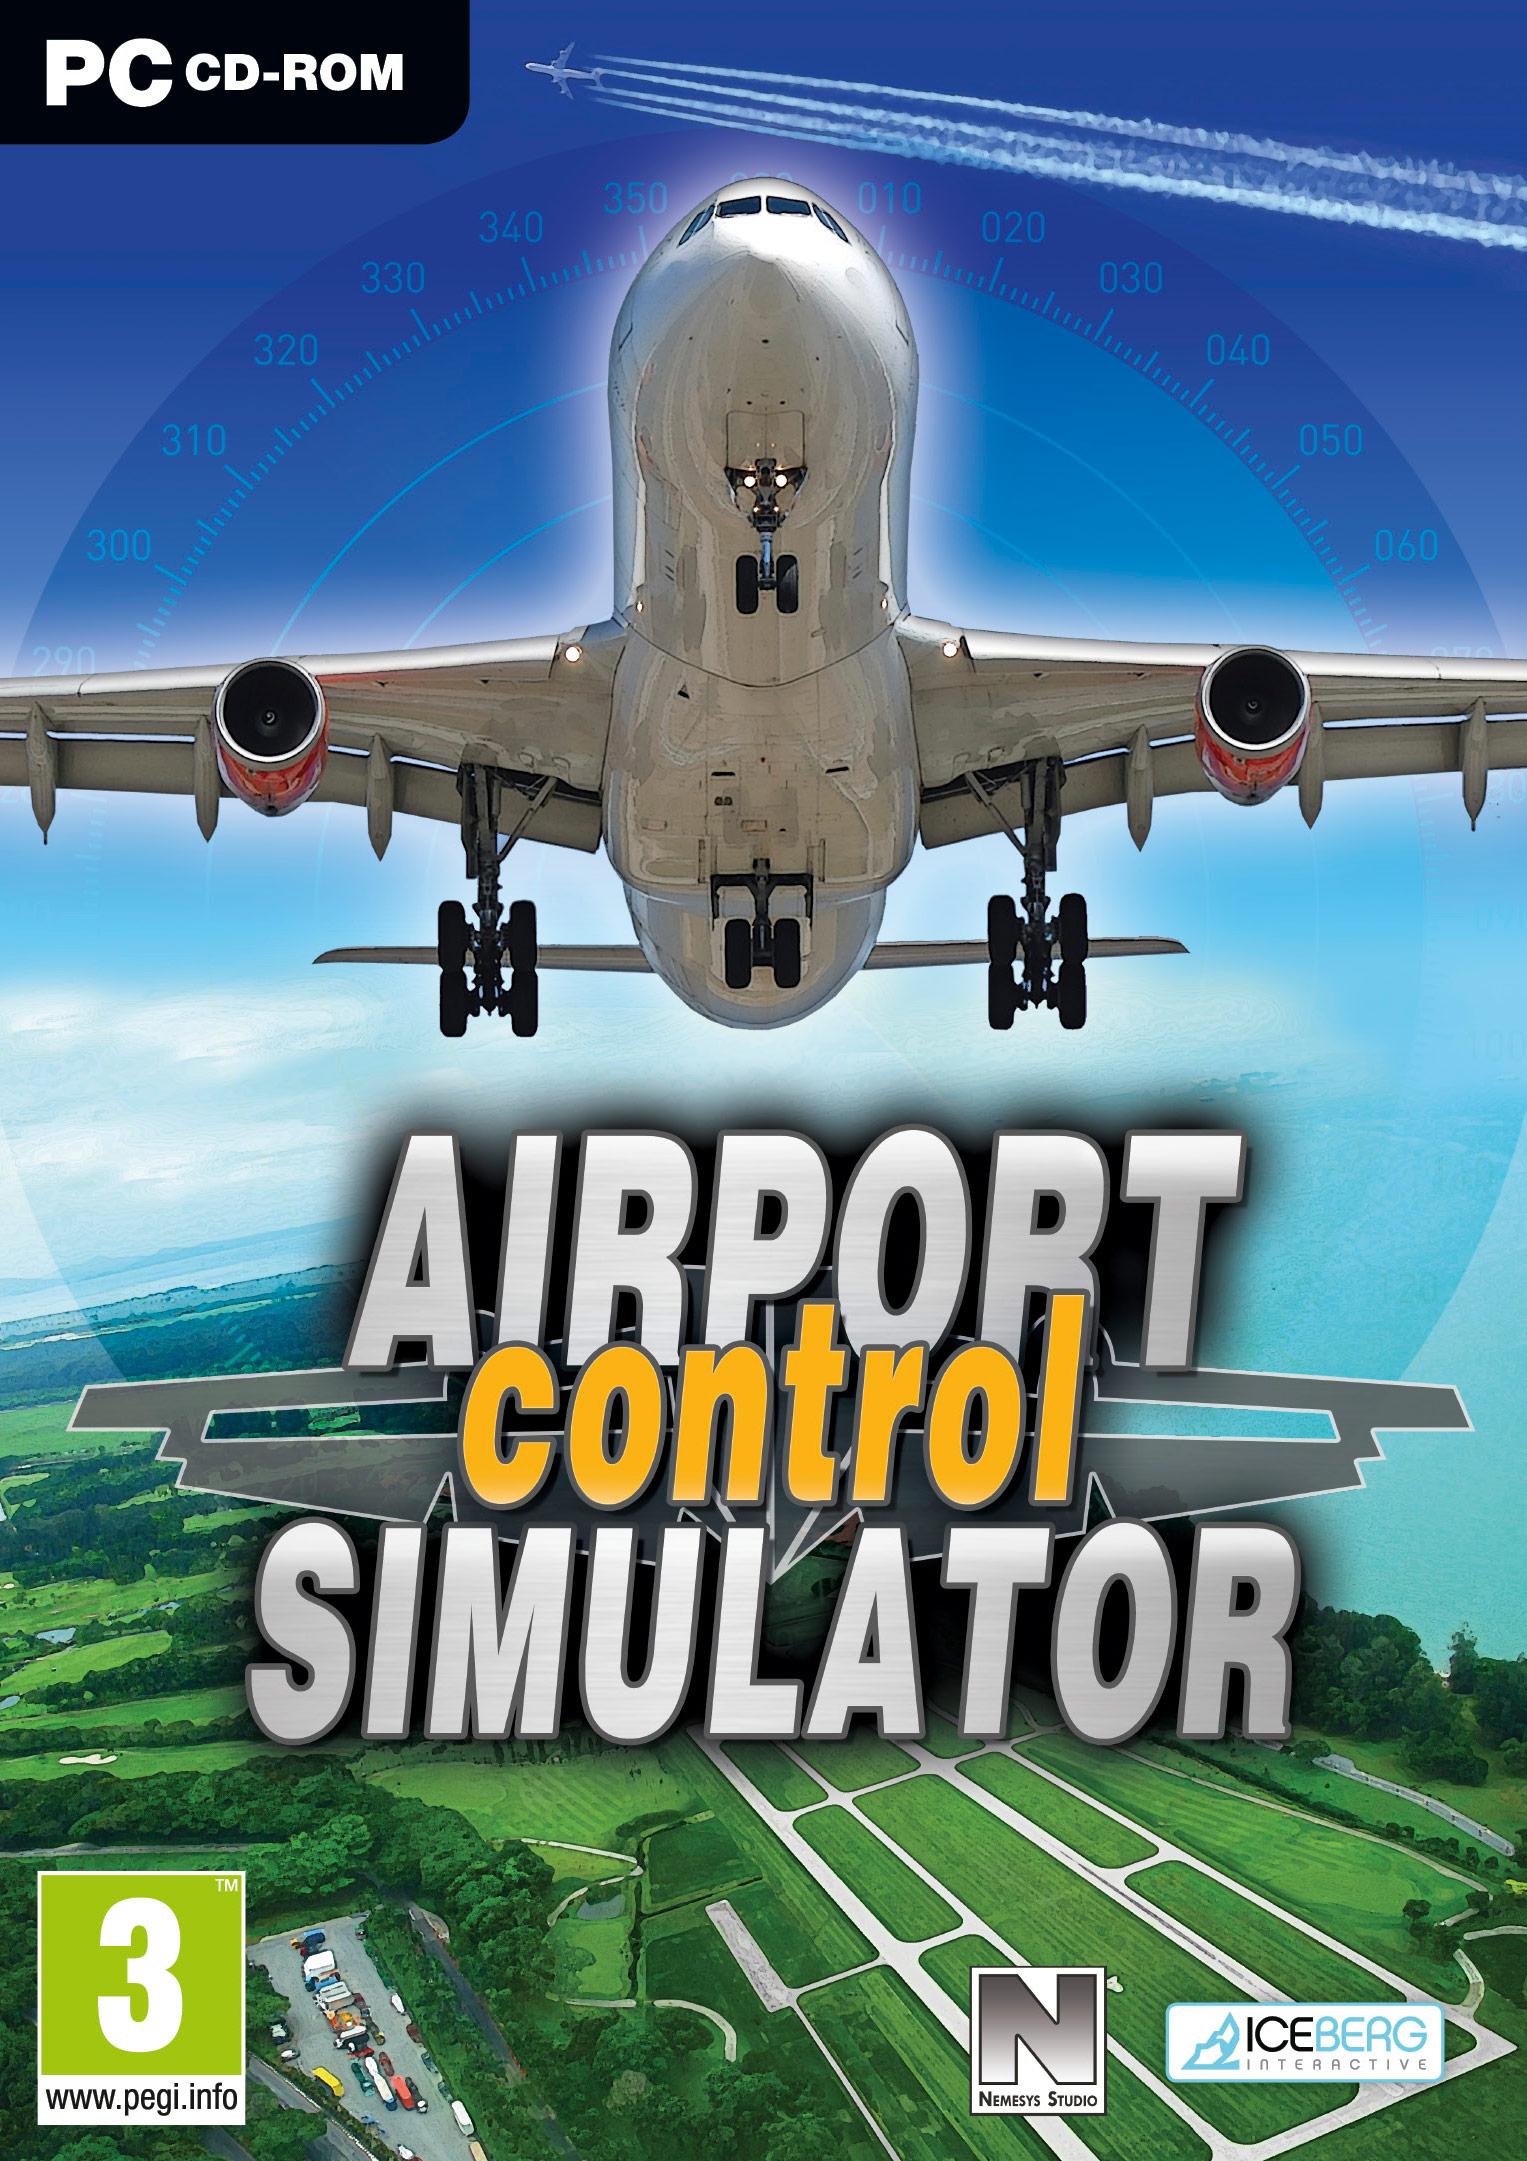 Airport Simulator - Play Free Airport Simulator Games Online